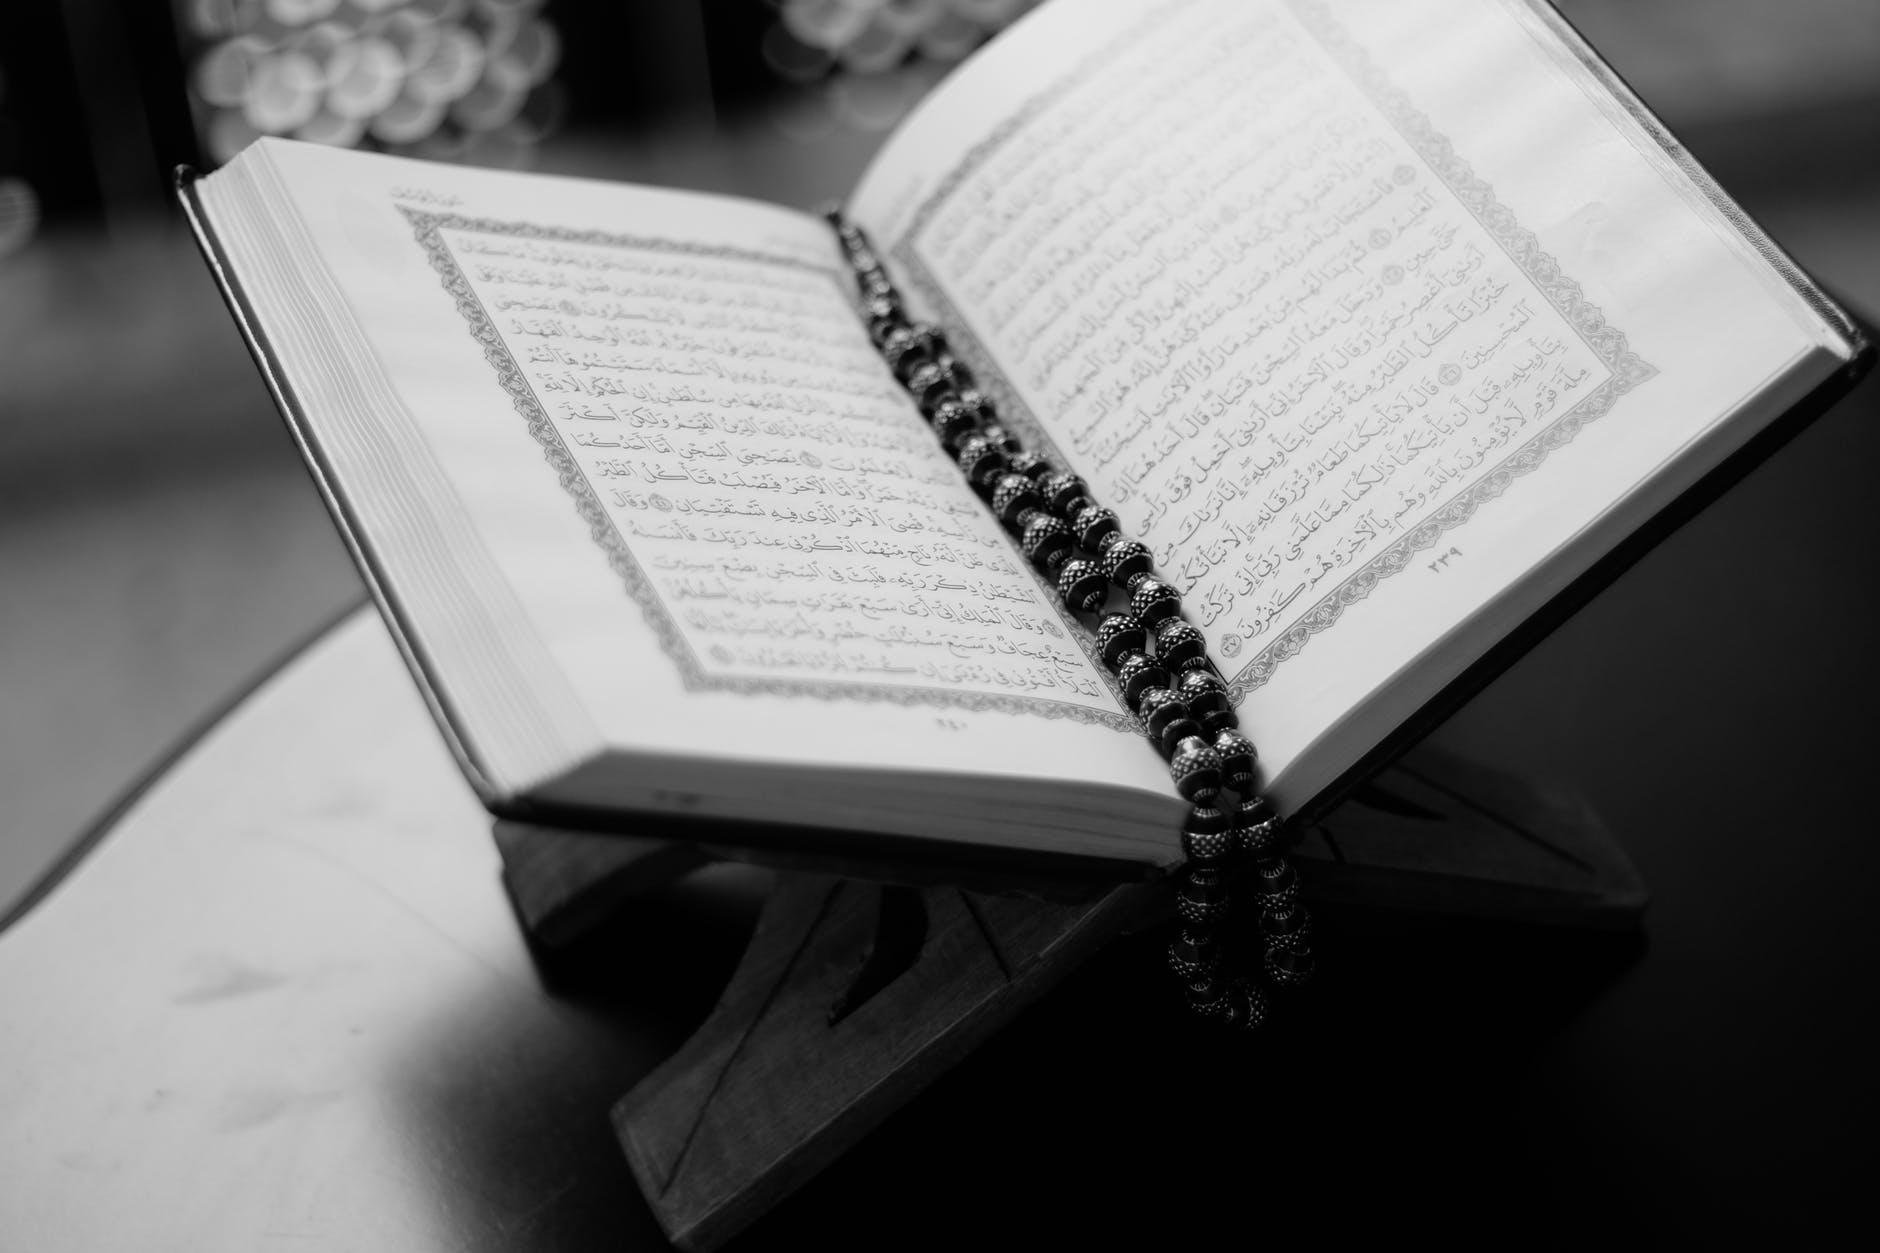 Keutamaan Dzikir Petang, Lafadz dan Artinya Sesuai Sunnah Nabi  ﷺ - katalogue.id